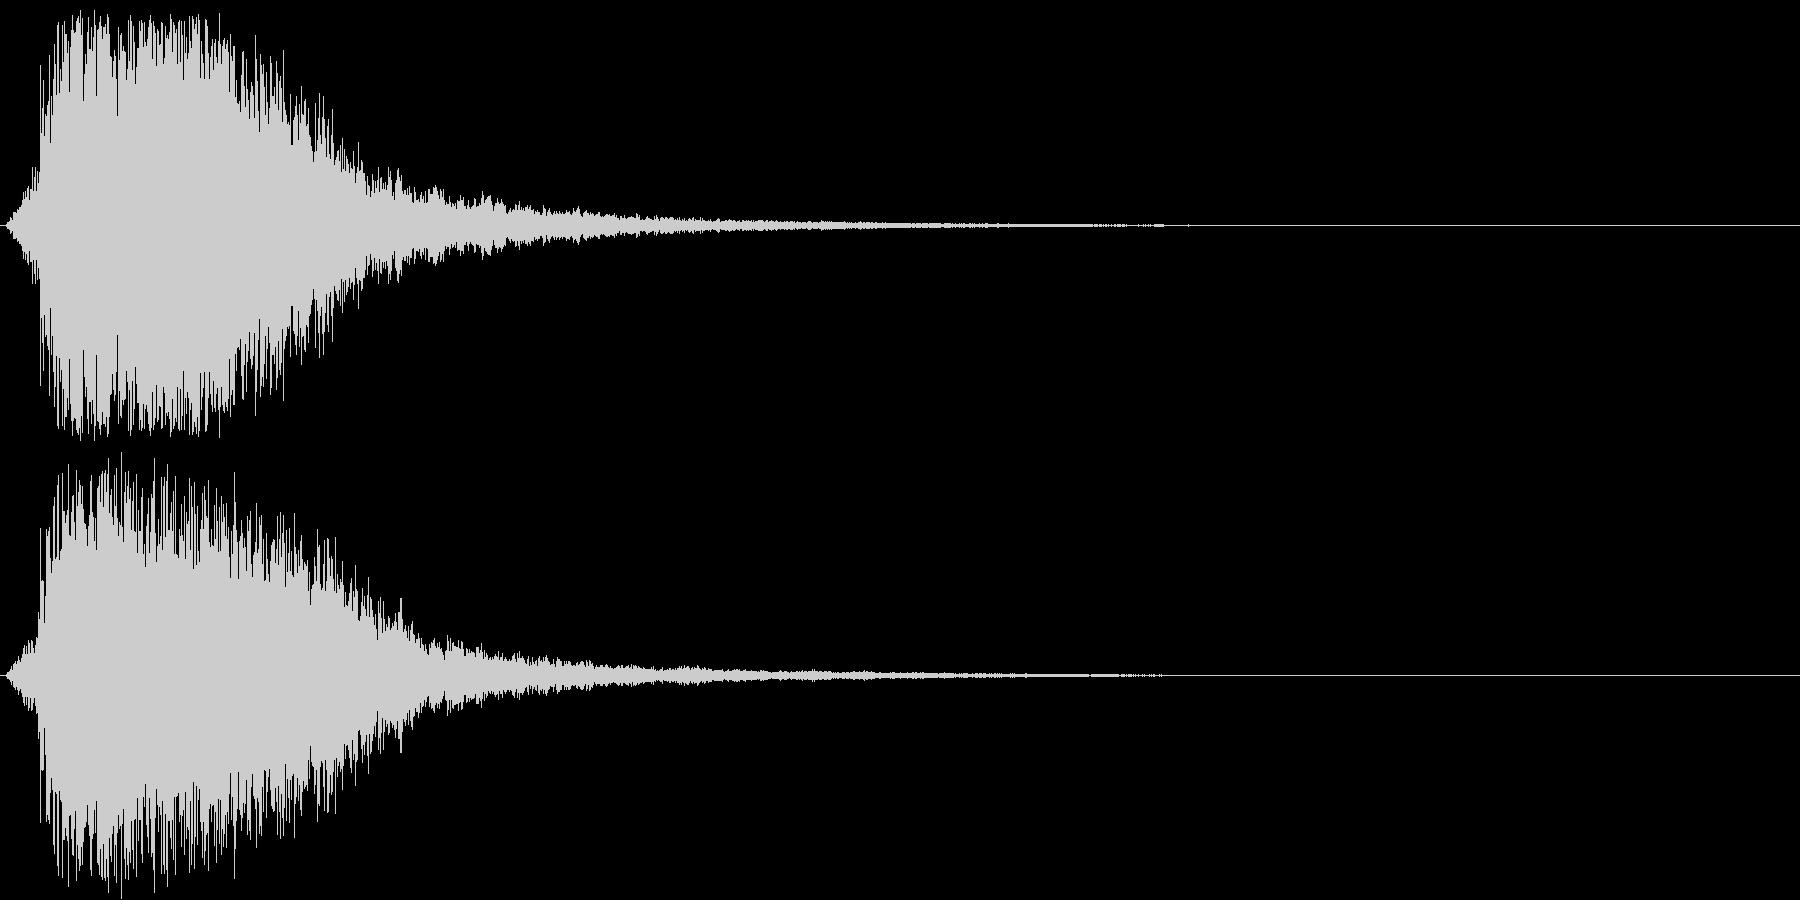 シャキーン(刀や剣、強烈インパクト)3bの未再生の波形